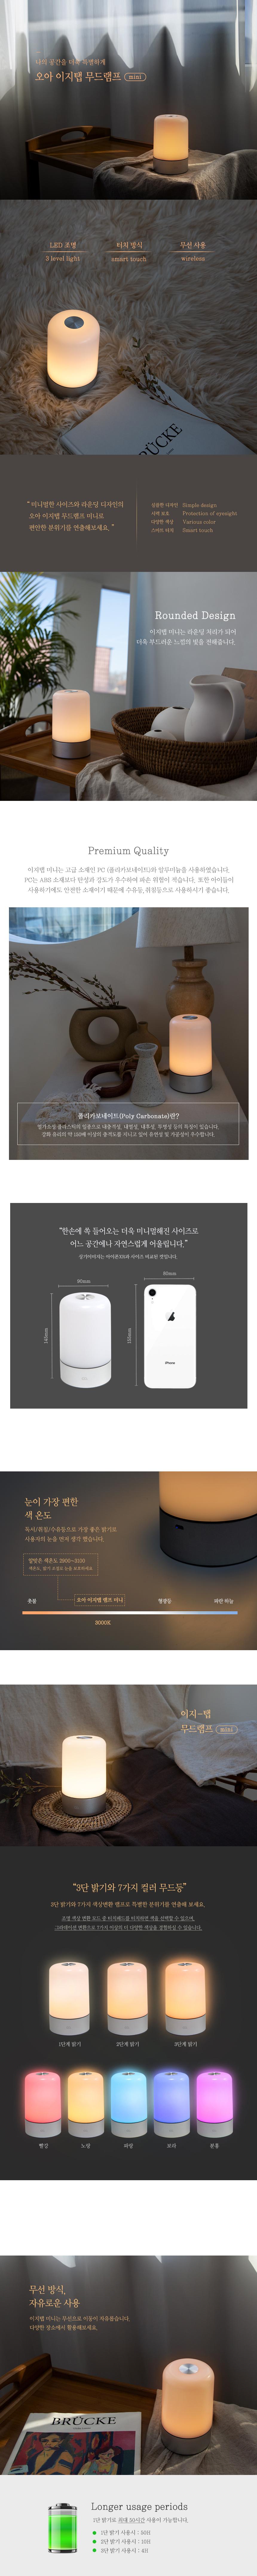 오아(OA) 이지탭 미니 무드등 인테리어 조명